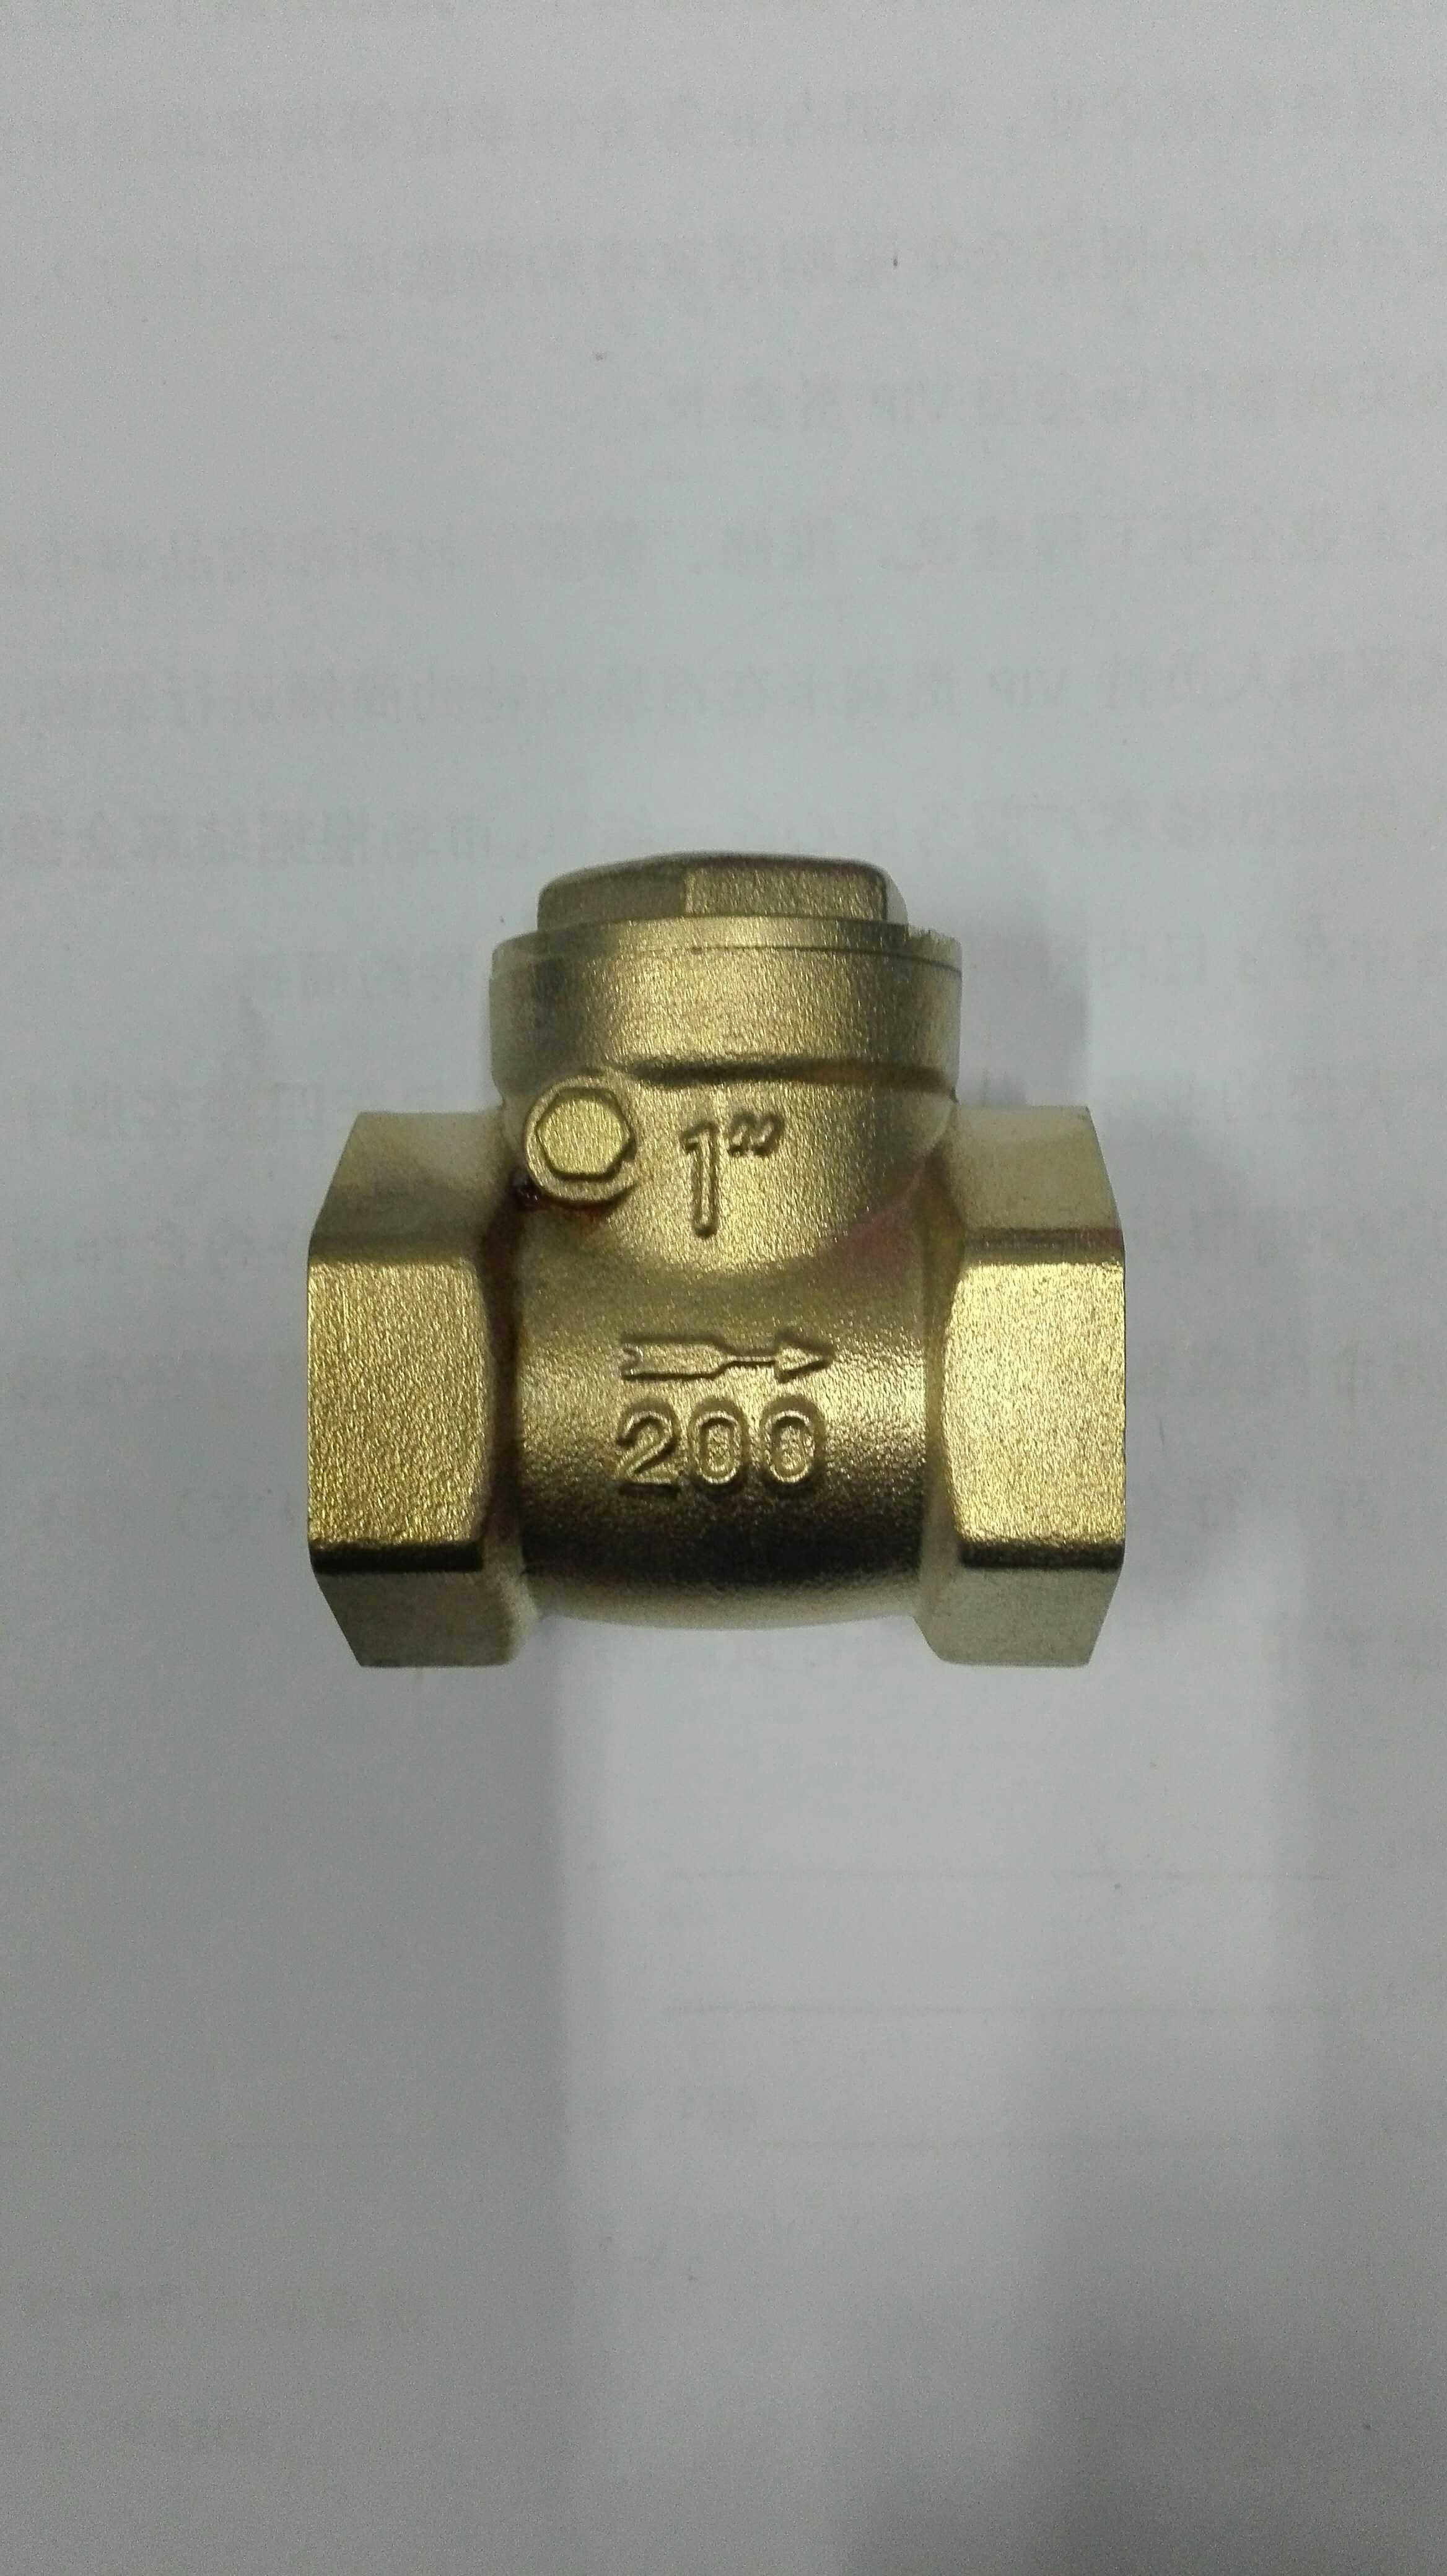 Alambre de latón y una válvula de válvula cantidades al por mayor